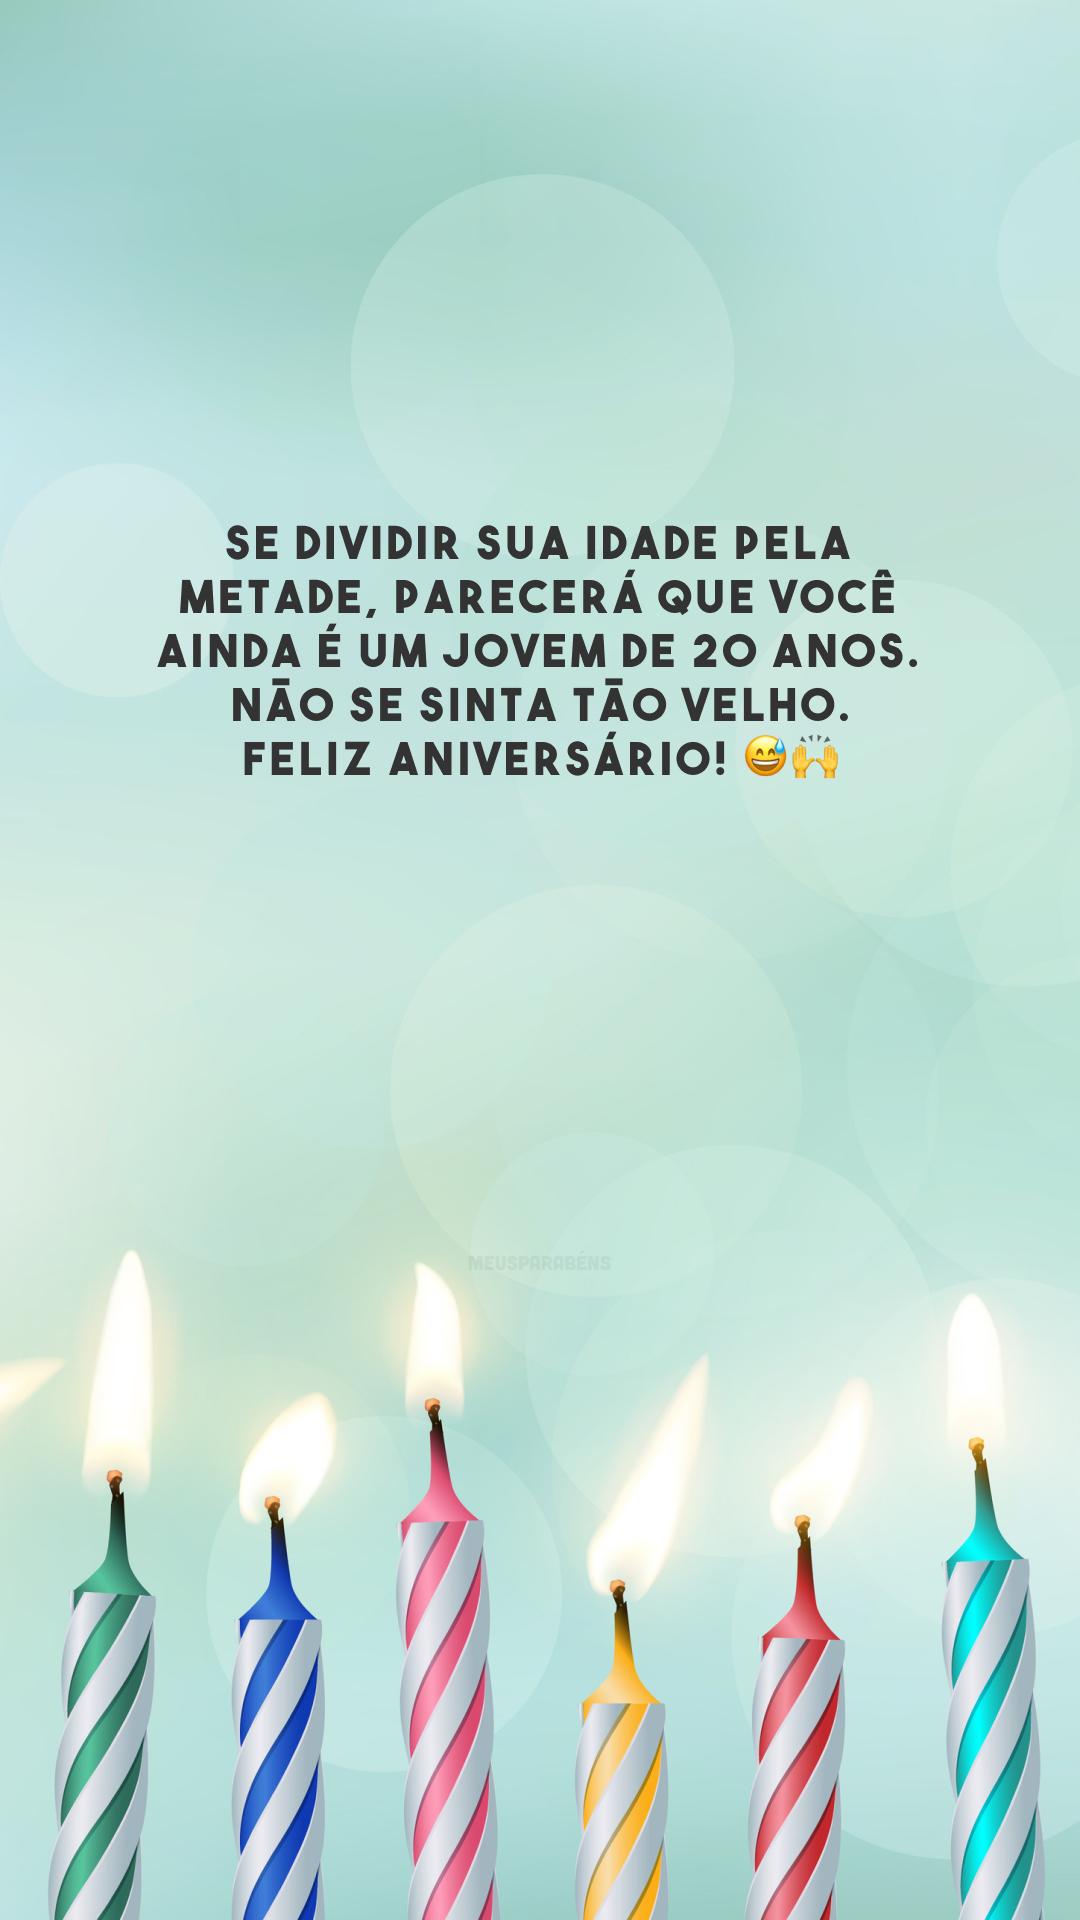 Se dividir sua idade pela metade, parecerá que você ainda é um jovem de 20 anos. Não se sinta tão velho. Feliz aniversário! 😅🙌